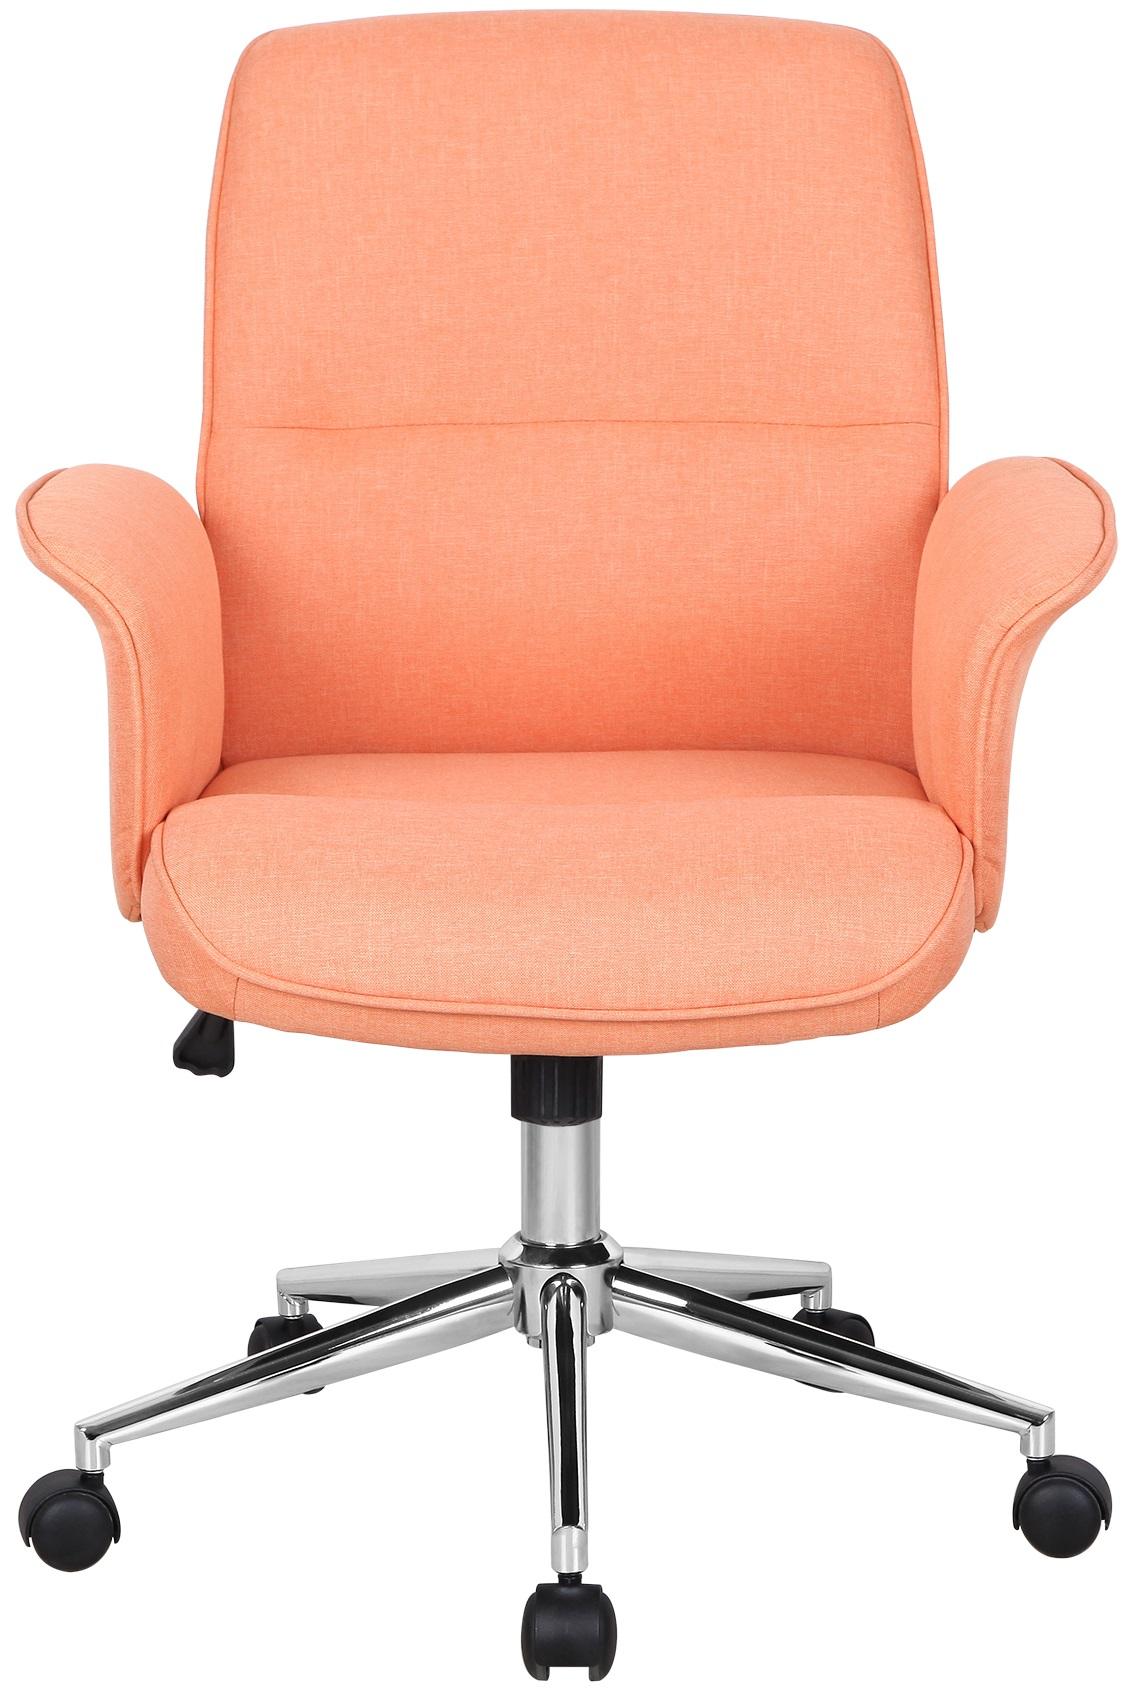 Sixbros silla de oficina silla giratoria diferente color - Silla giratoria oficina ...